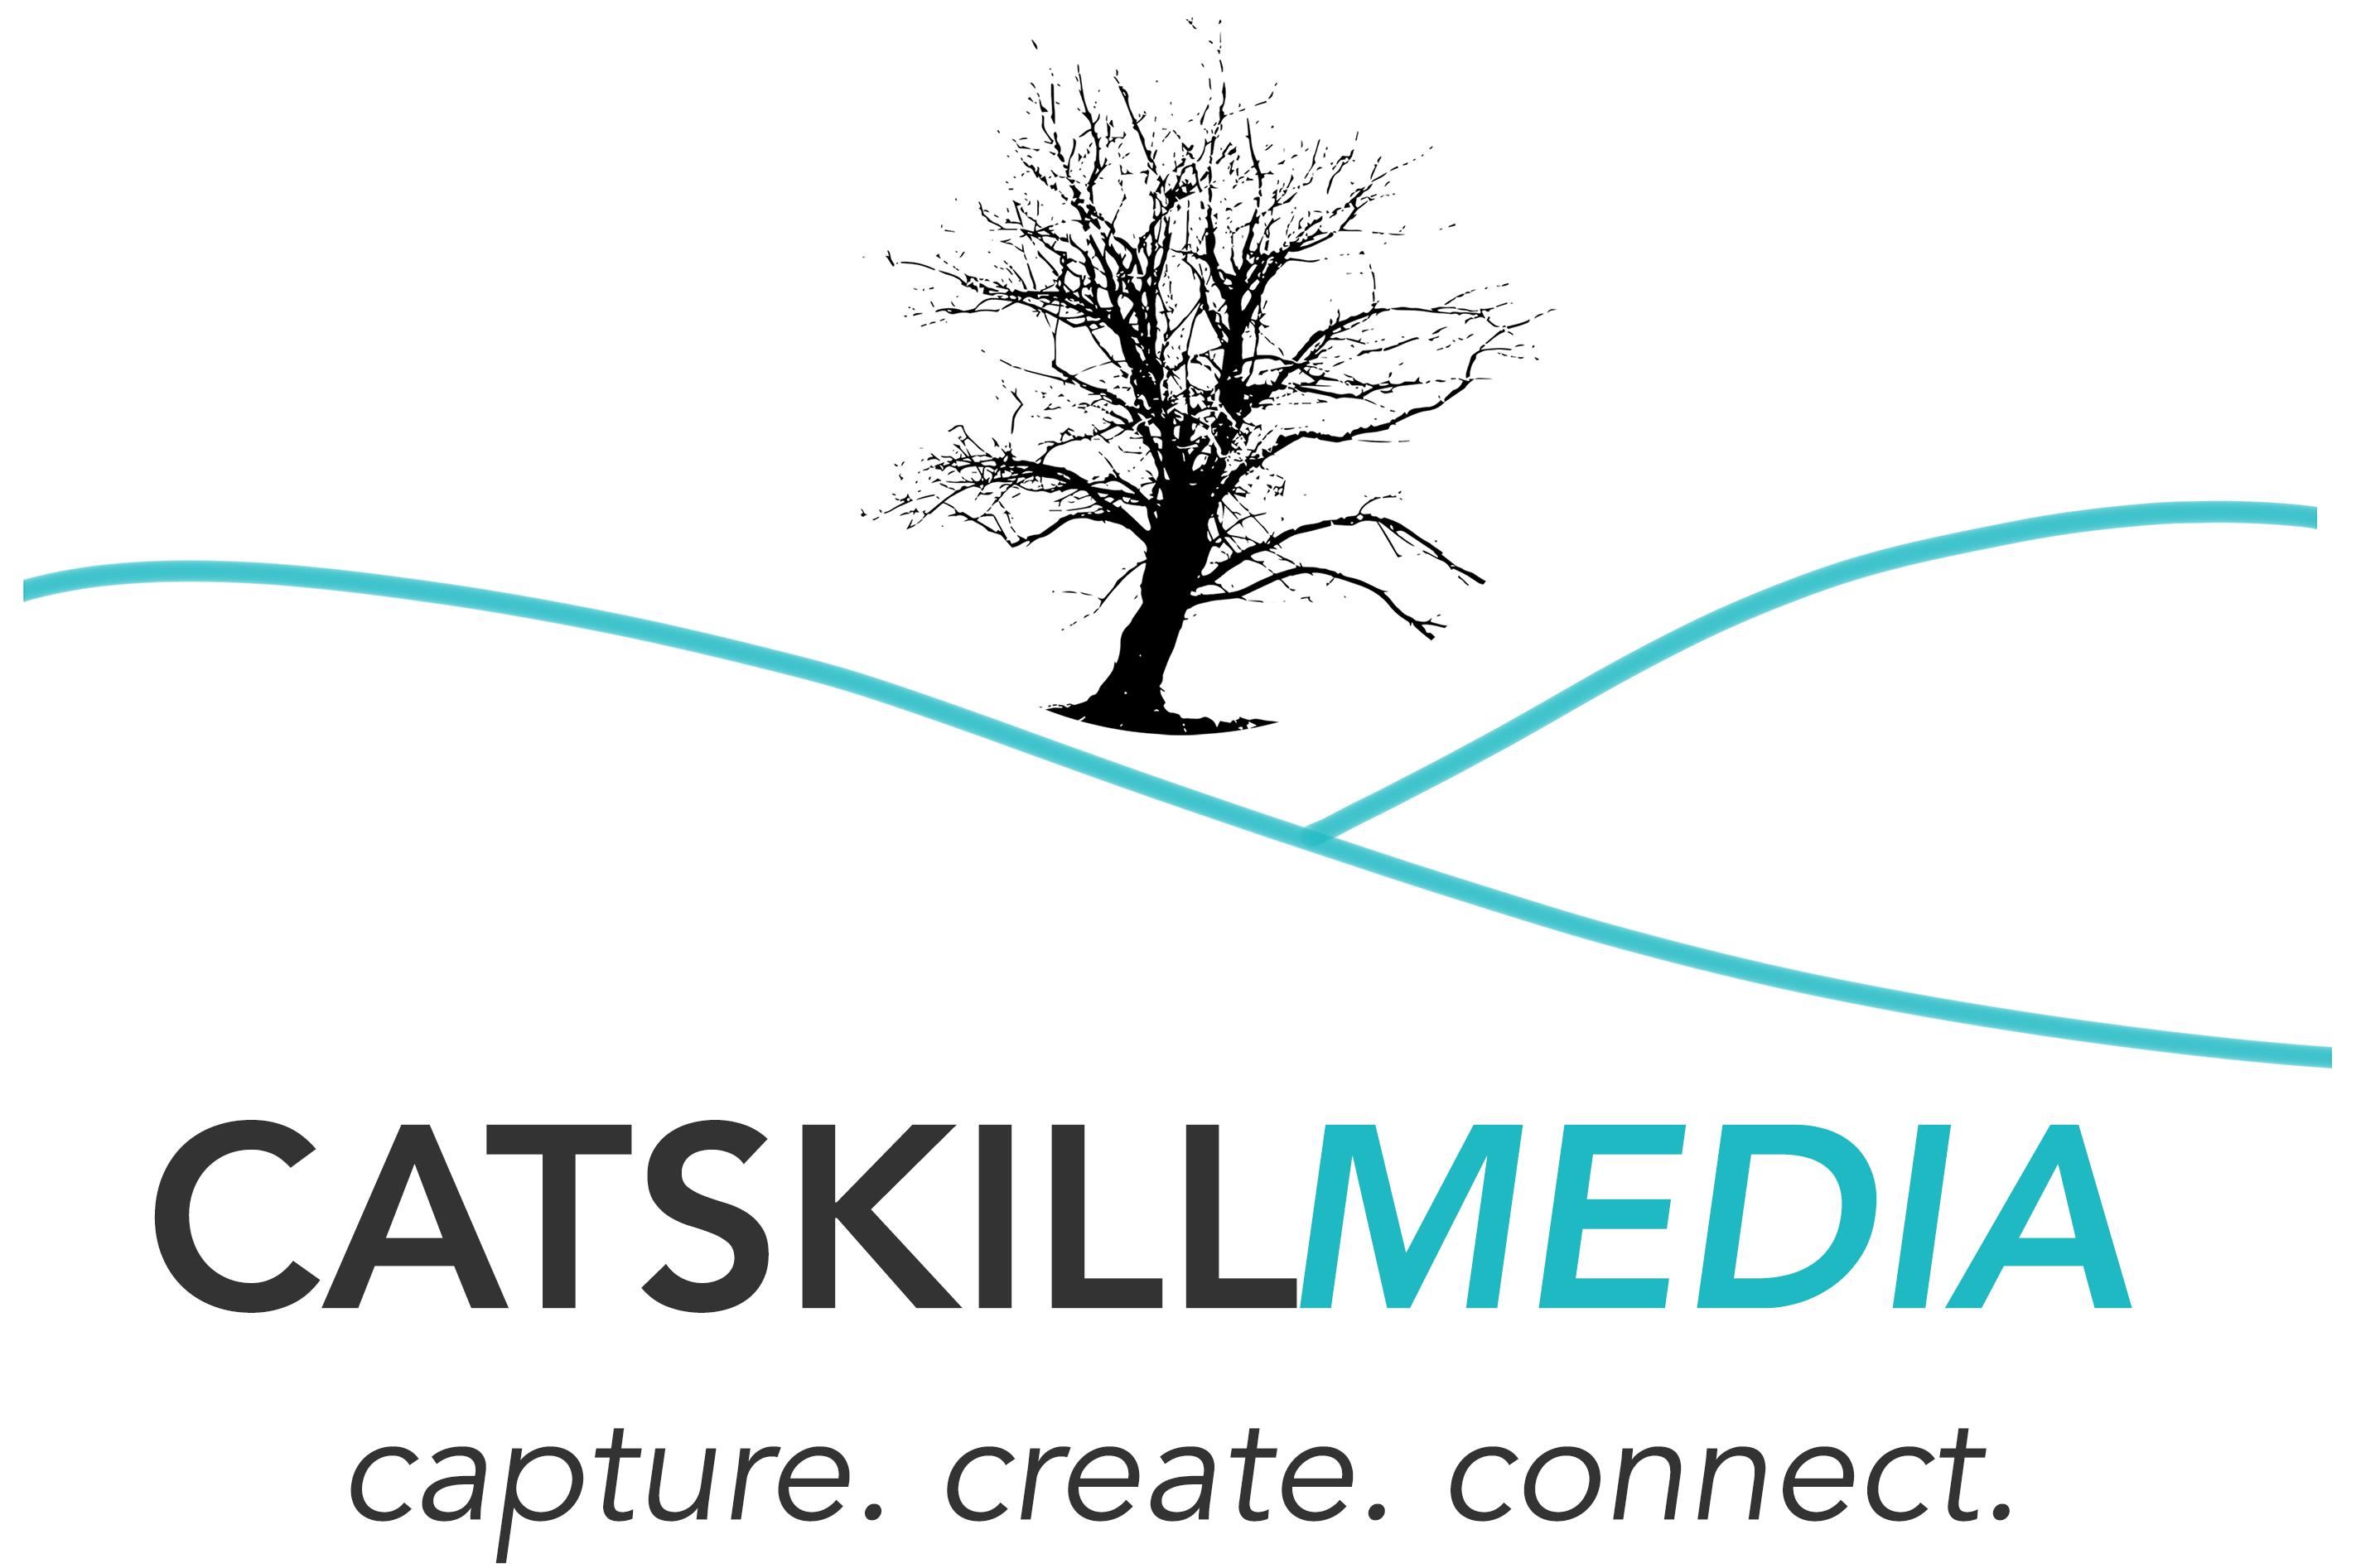 Catskill Media